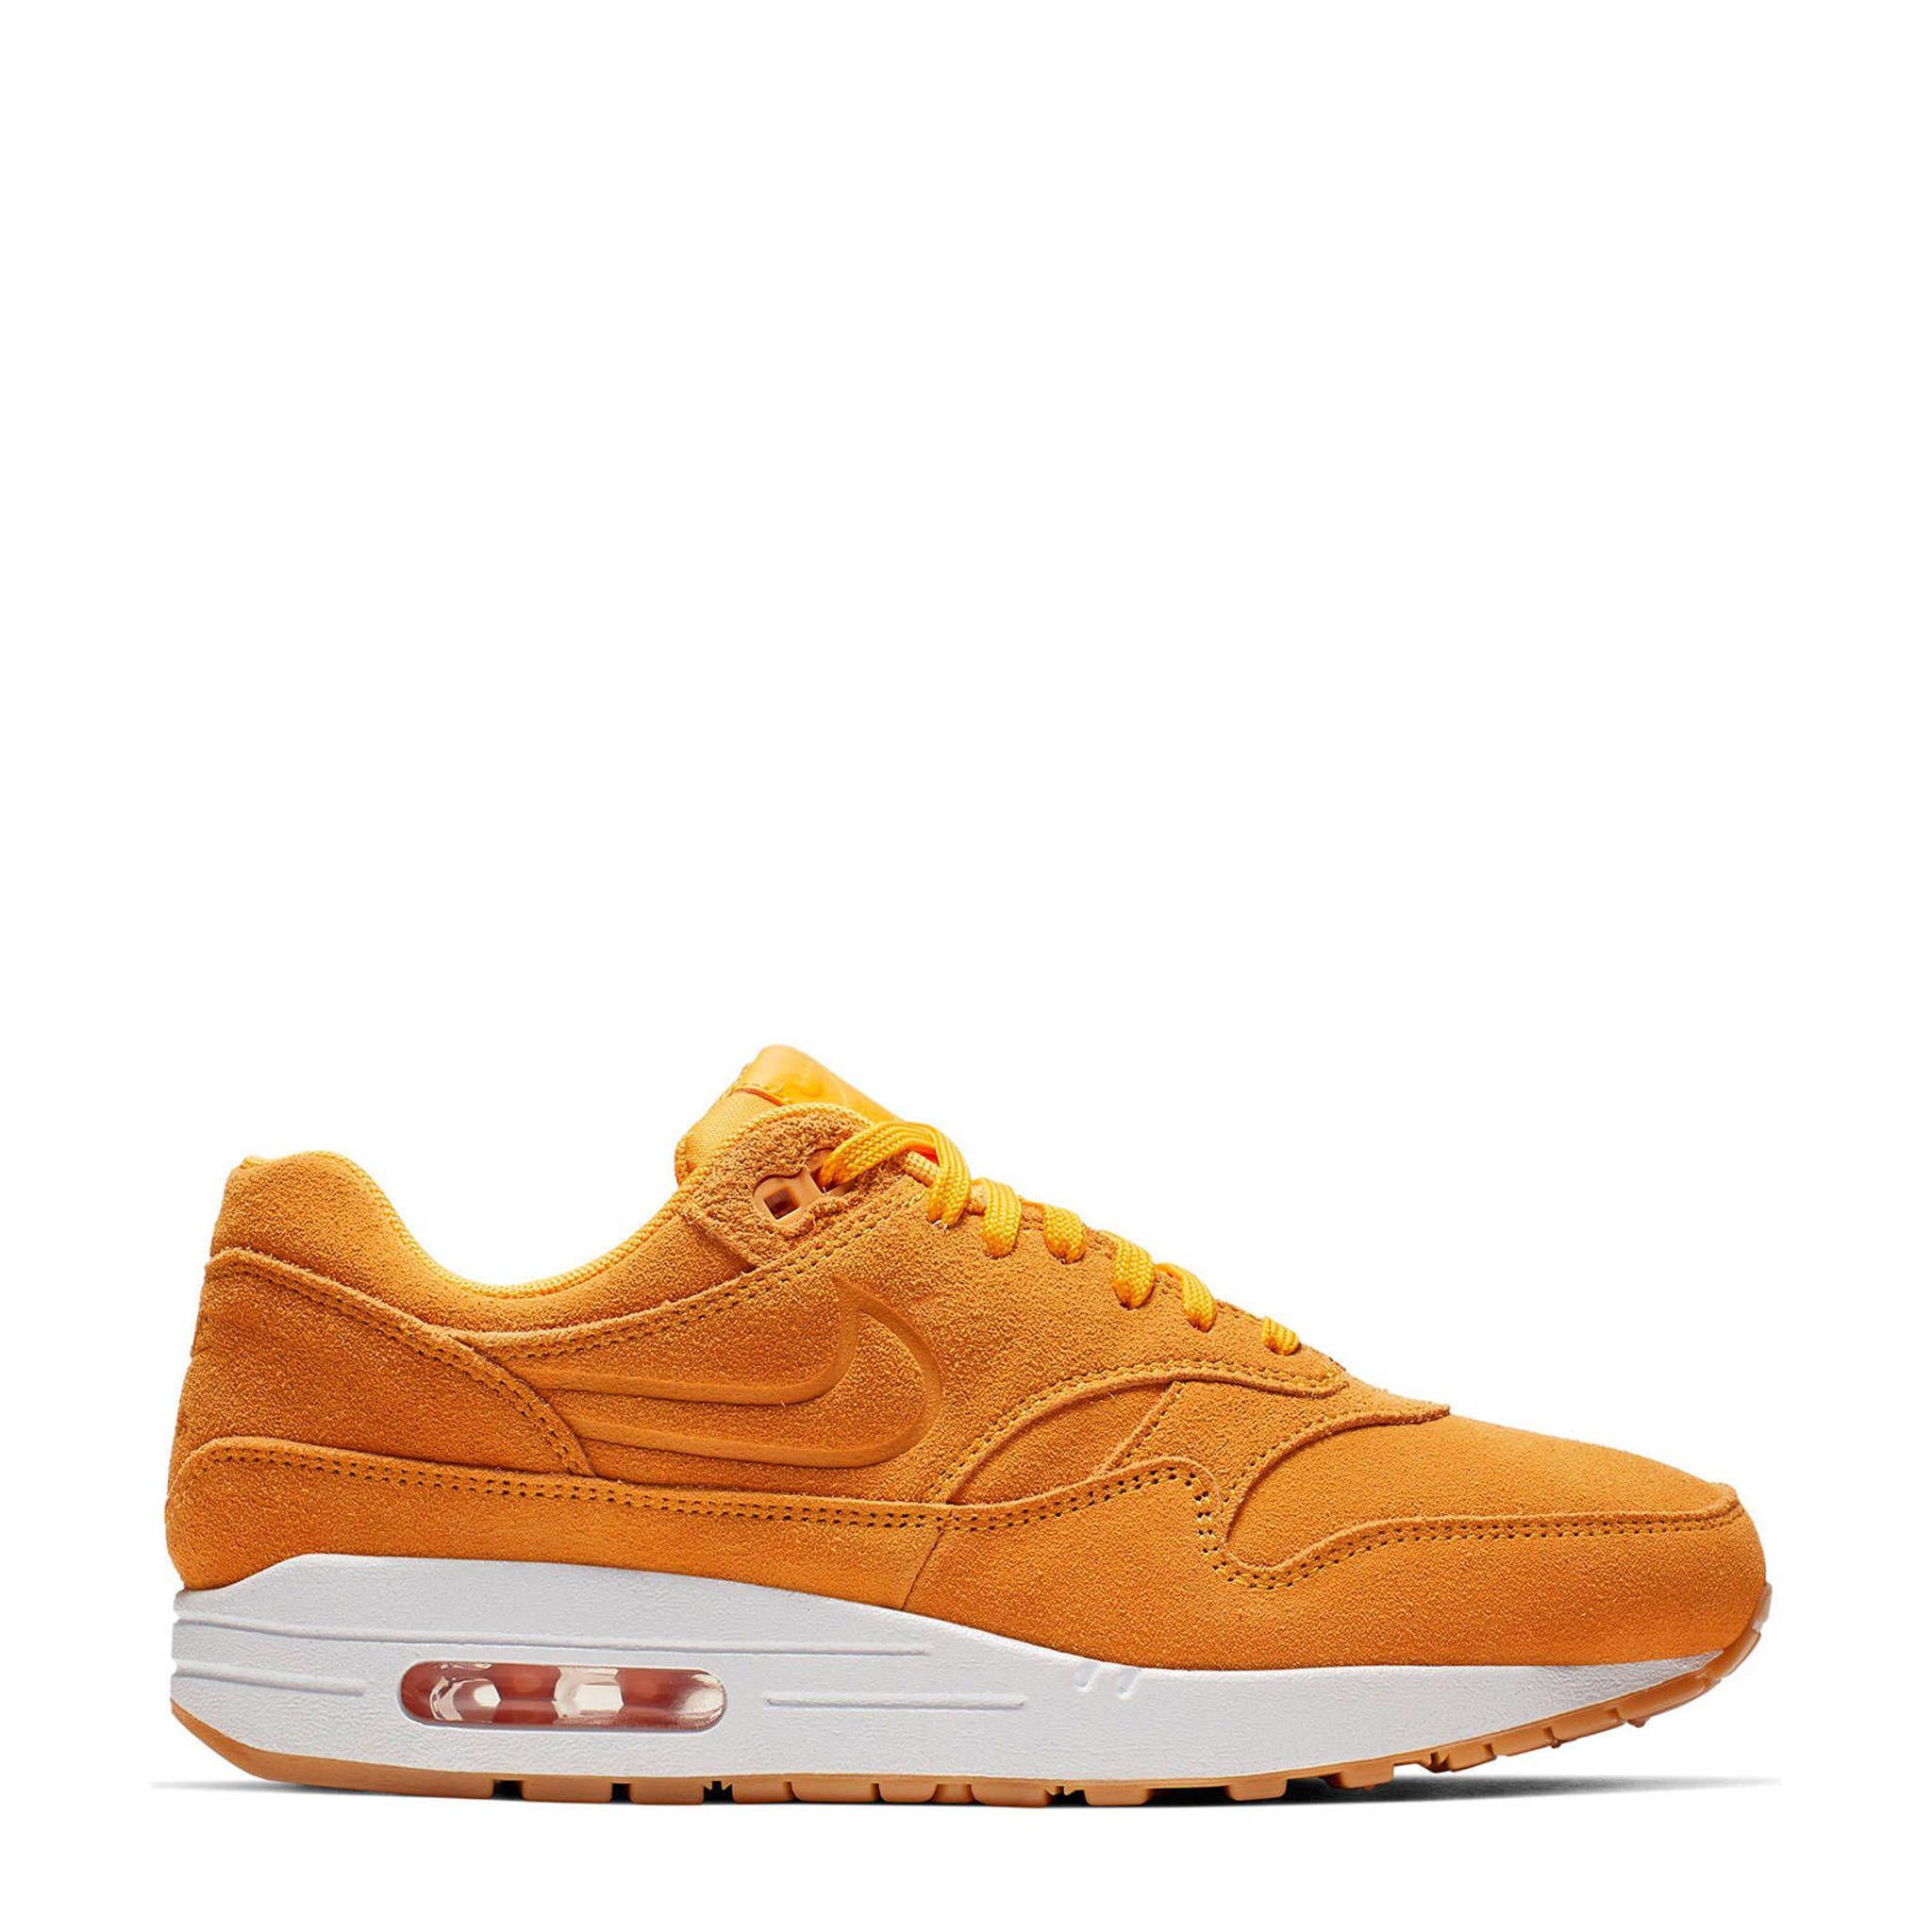 Air Max 1 Prm suède sneakers | Nike air max, Nike sneakers ...